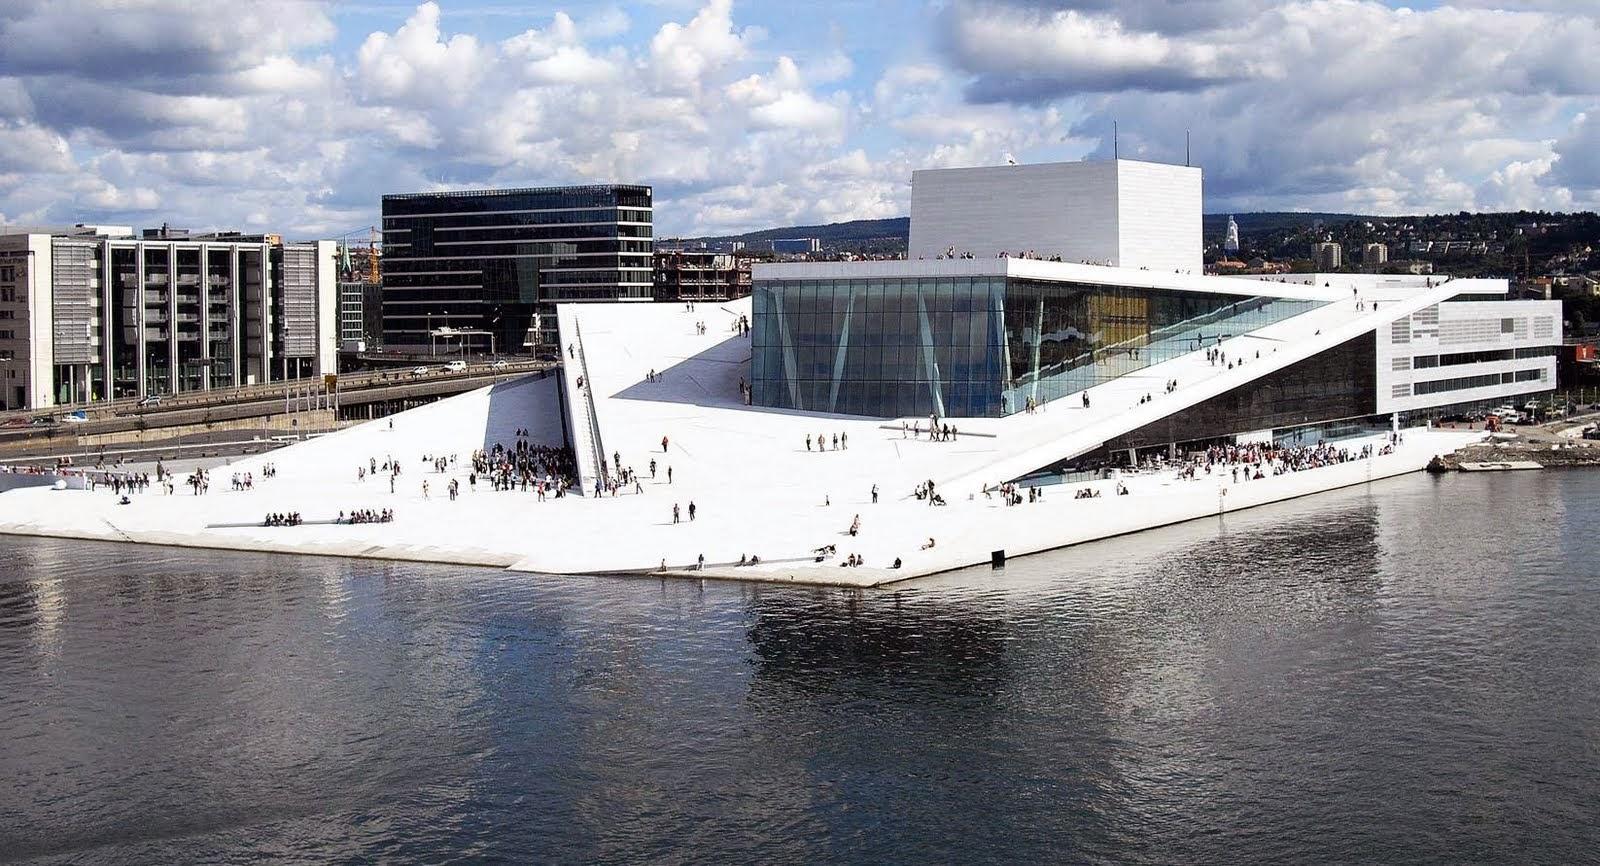 مخططات مشروع دار أوبرا أوسلو بالنرويج  OsloOperaHouseNorway-ErikBerg